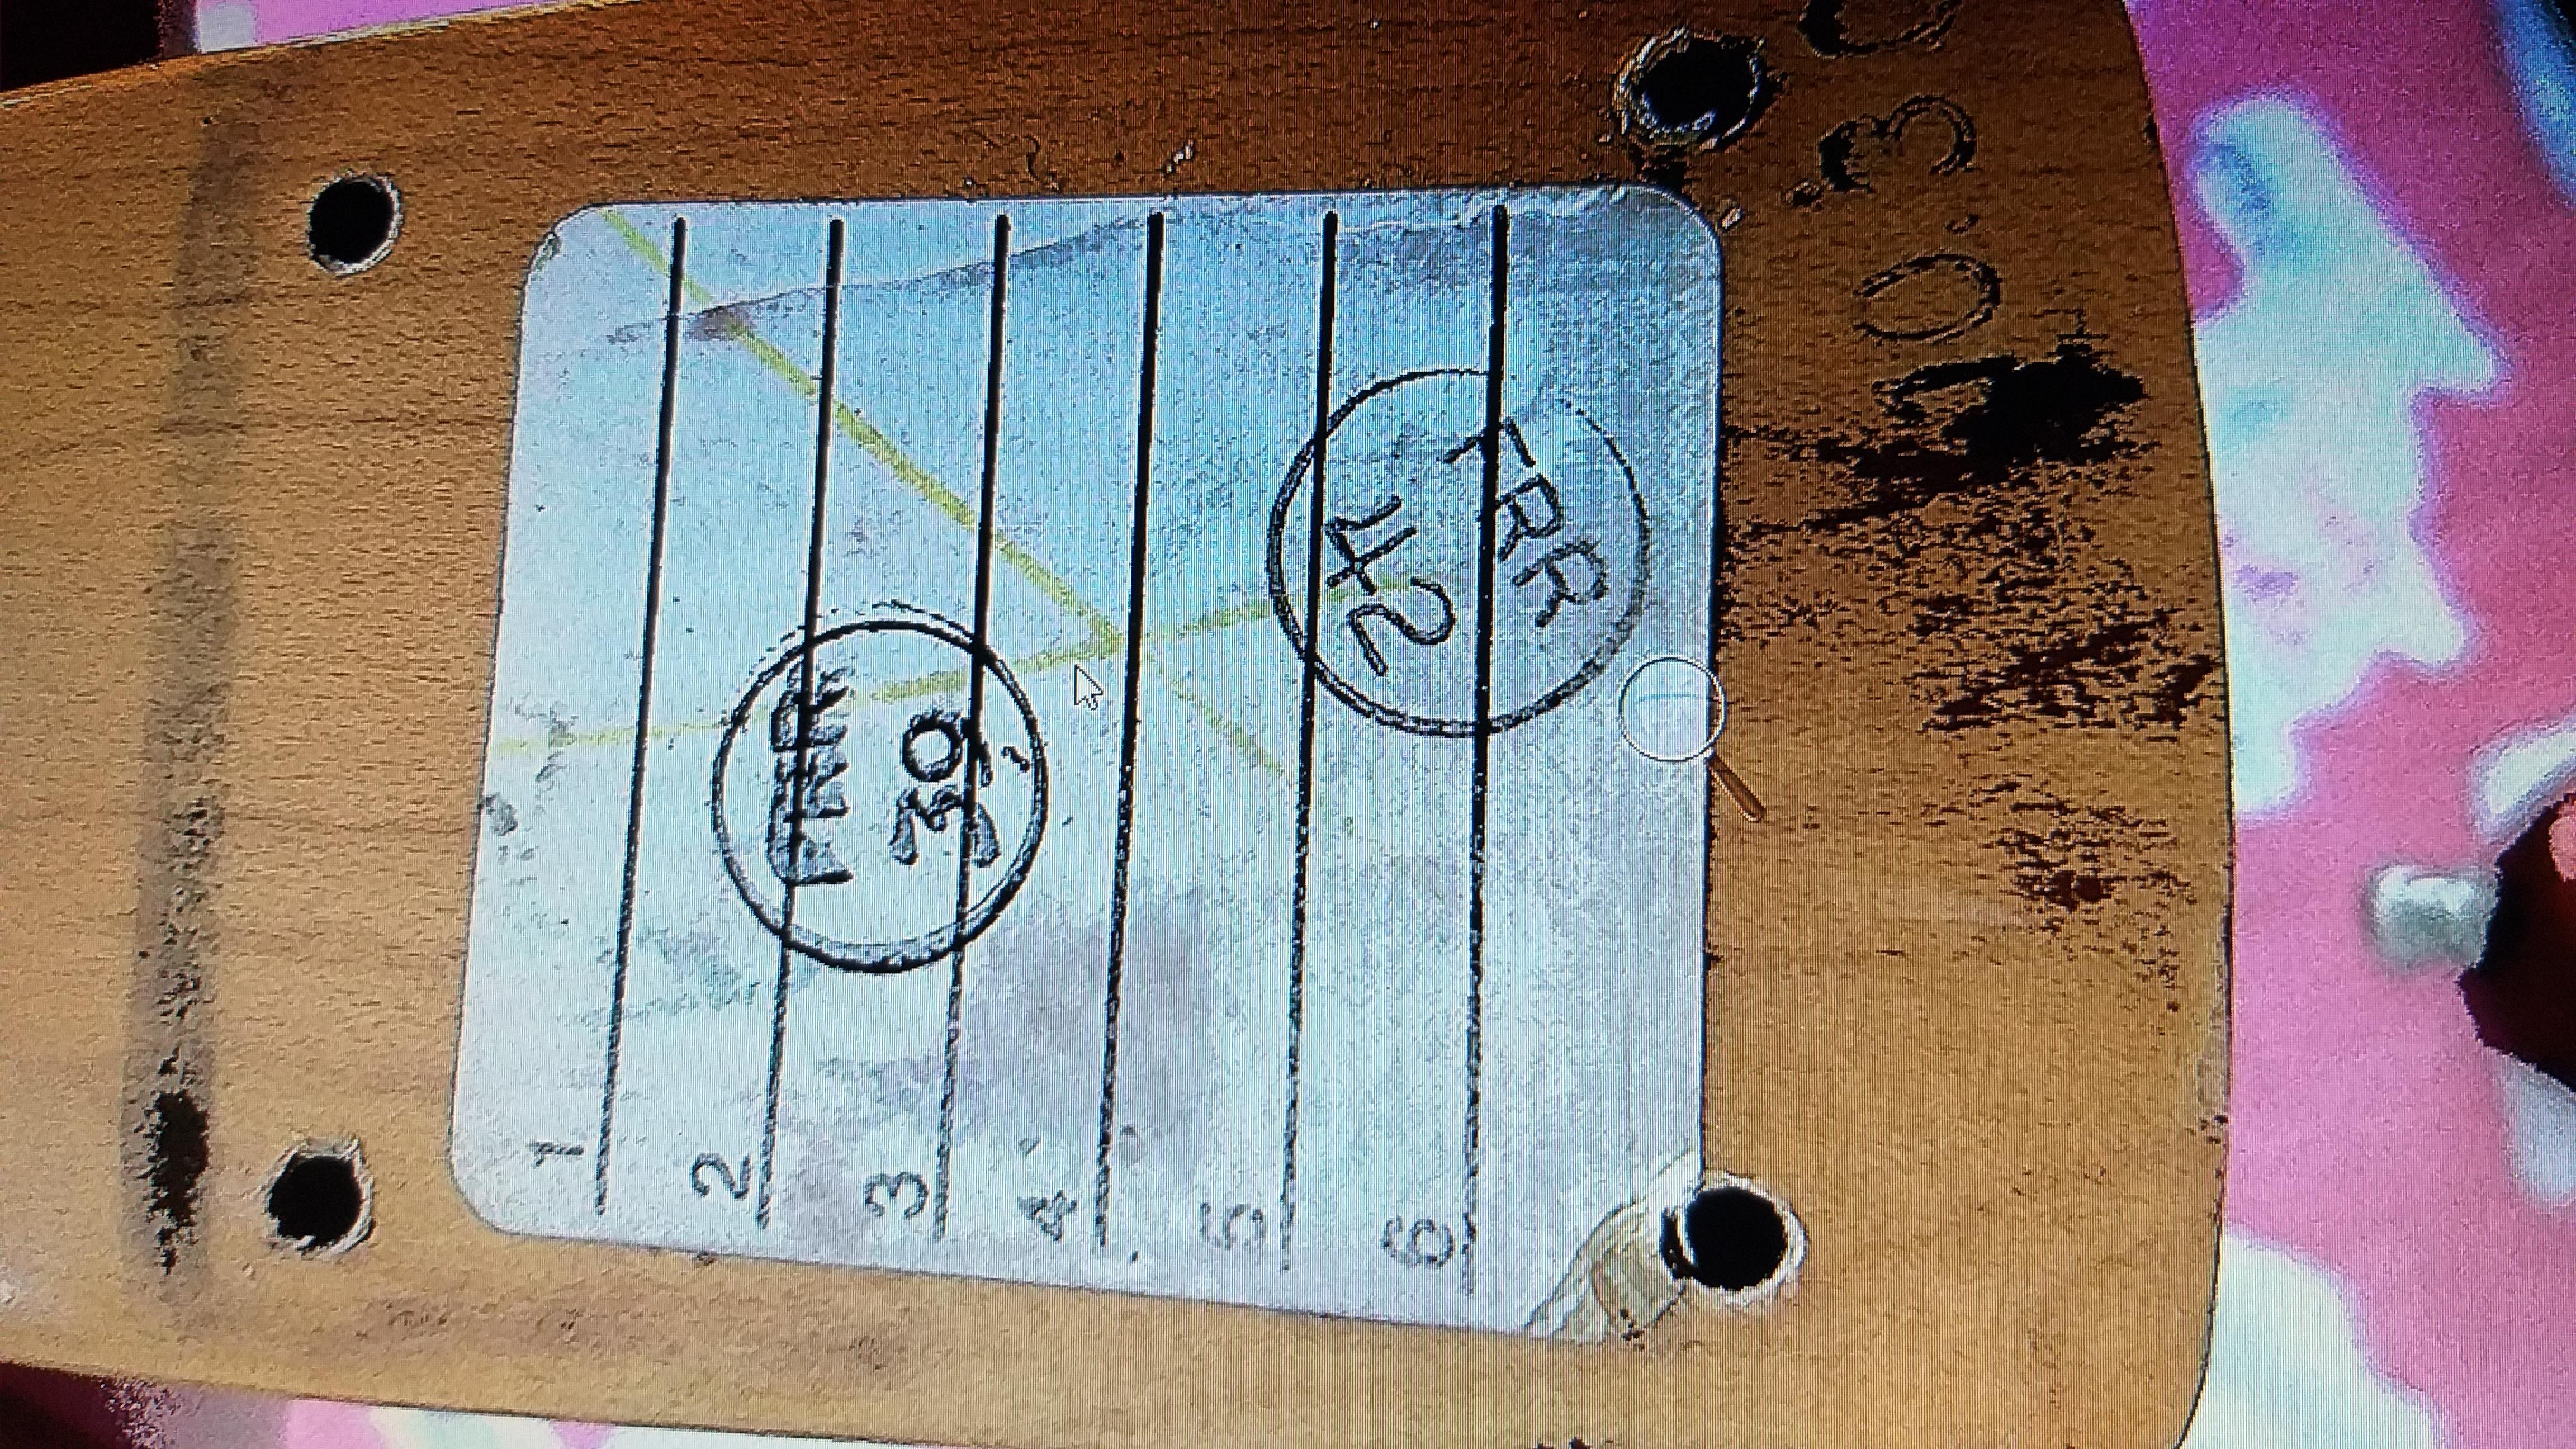 Stratocaster.......ma che modello è?